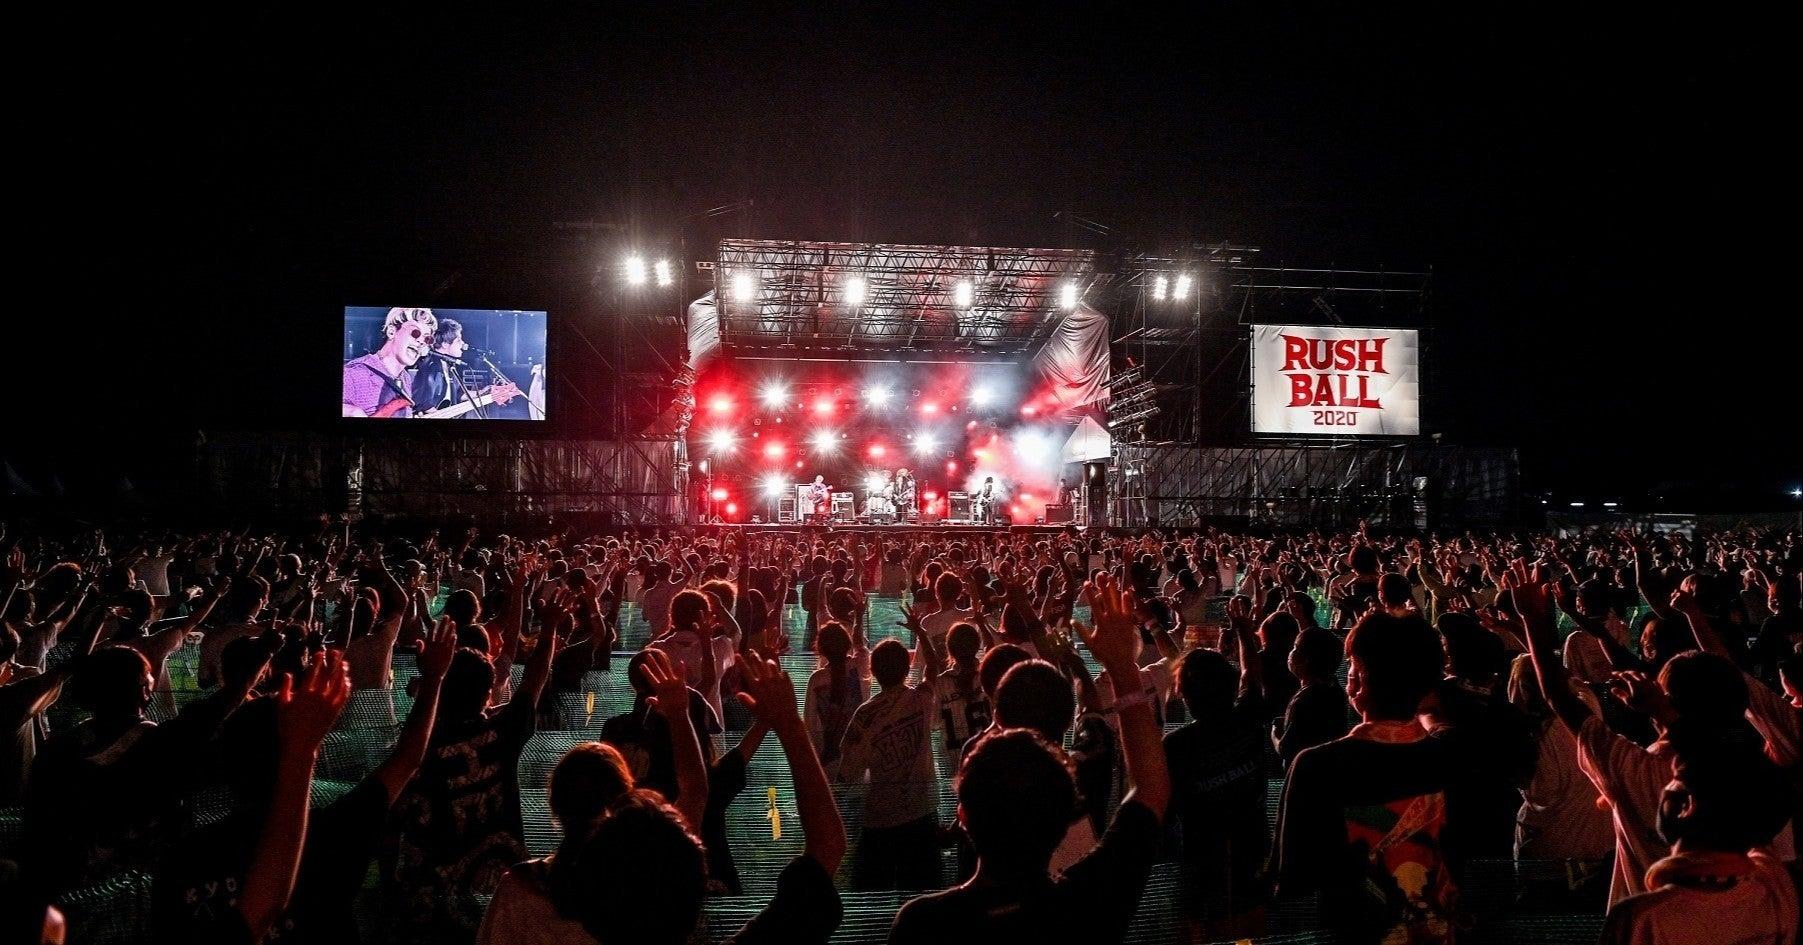 制約下でも開催を果たした音楽フェス RUSH BALL。コロナ禍でのイベント開催の先駆けとなった当フェス、満足度も高く?